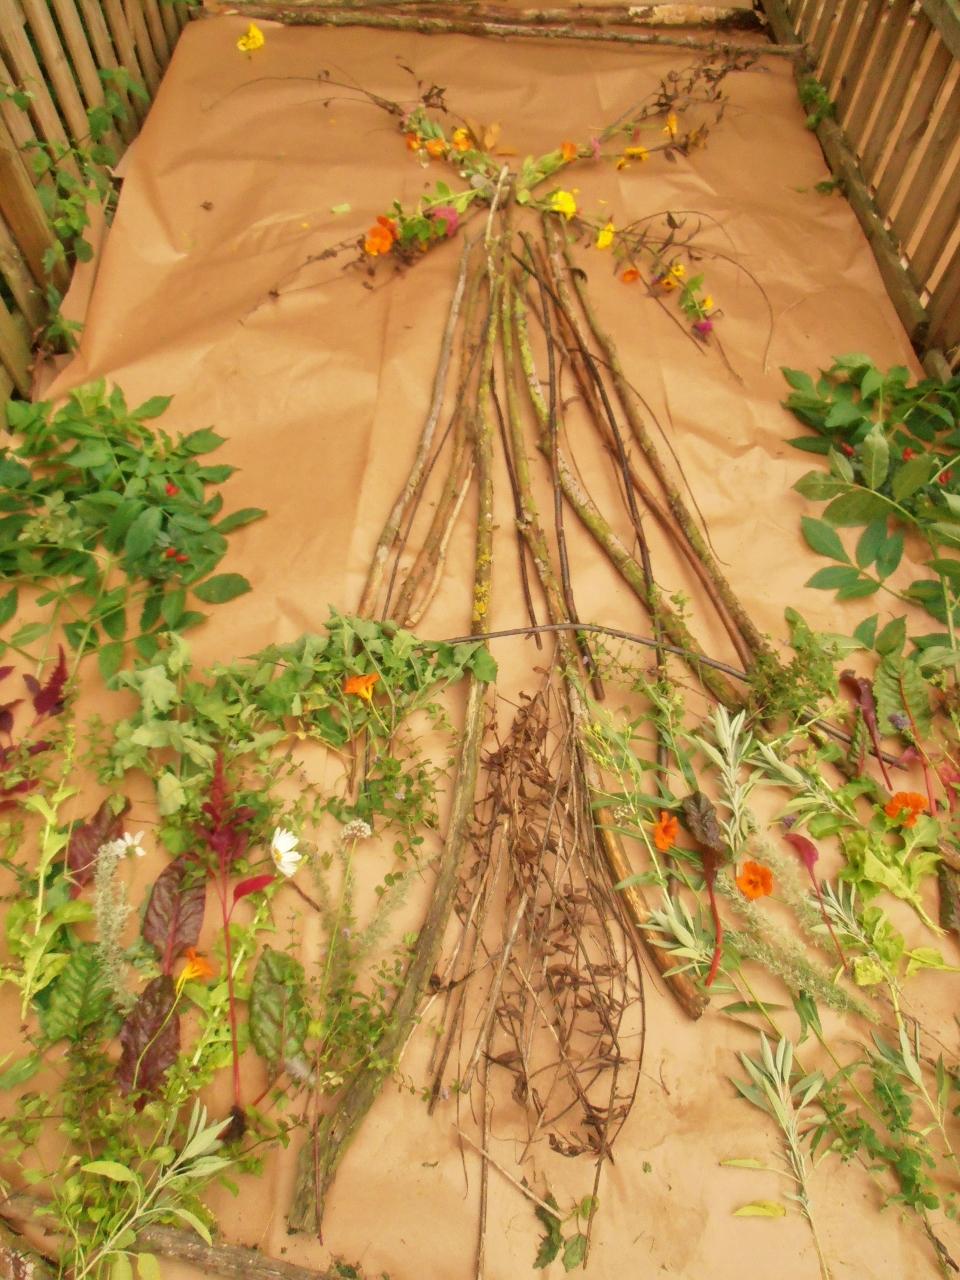 Mönster av växter och pinnar.